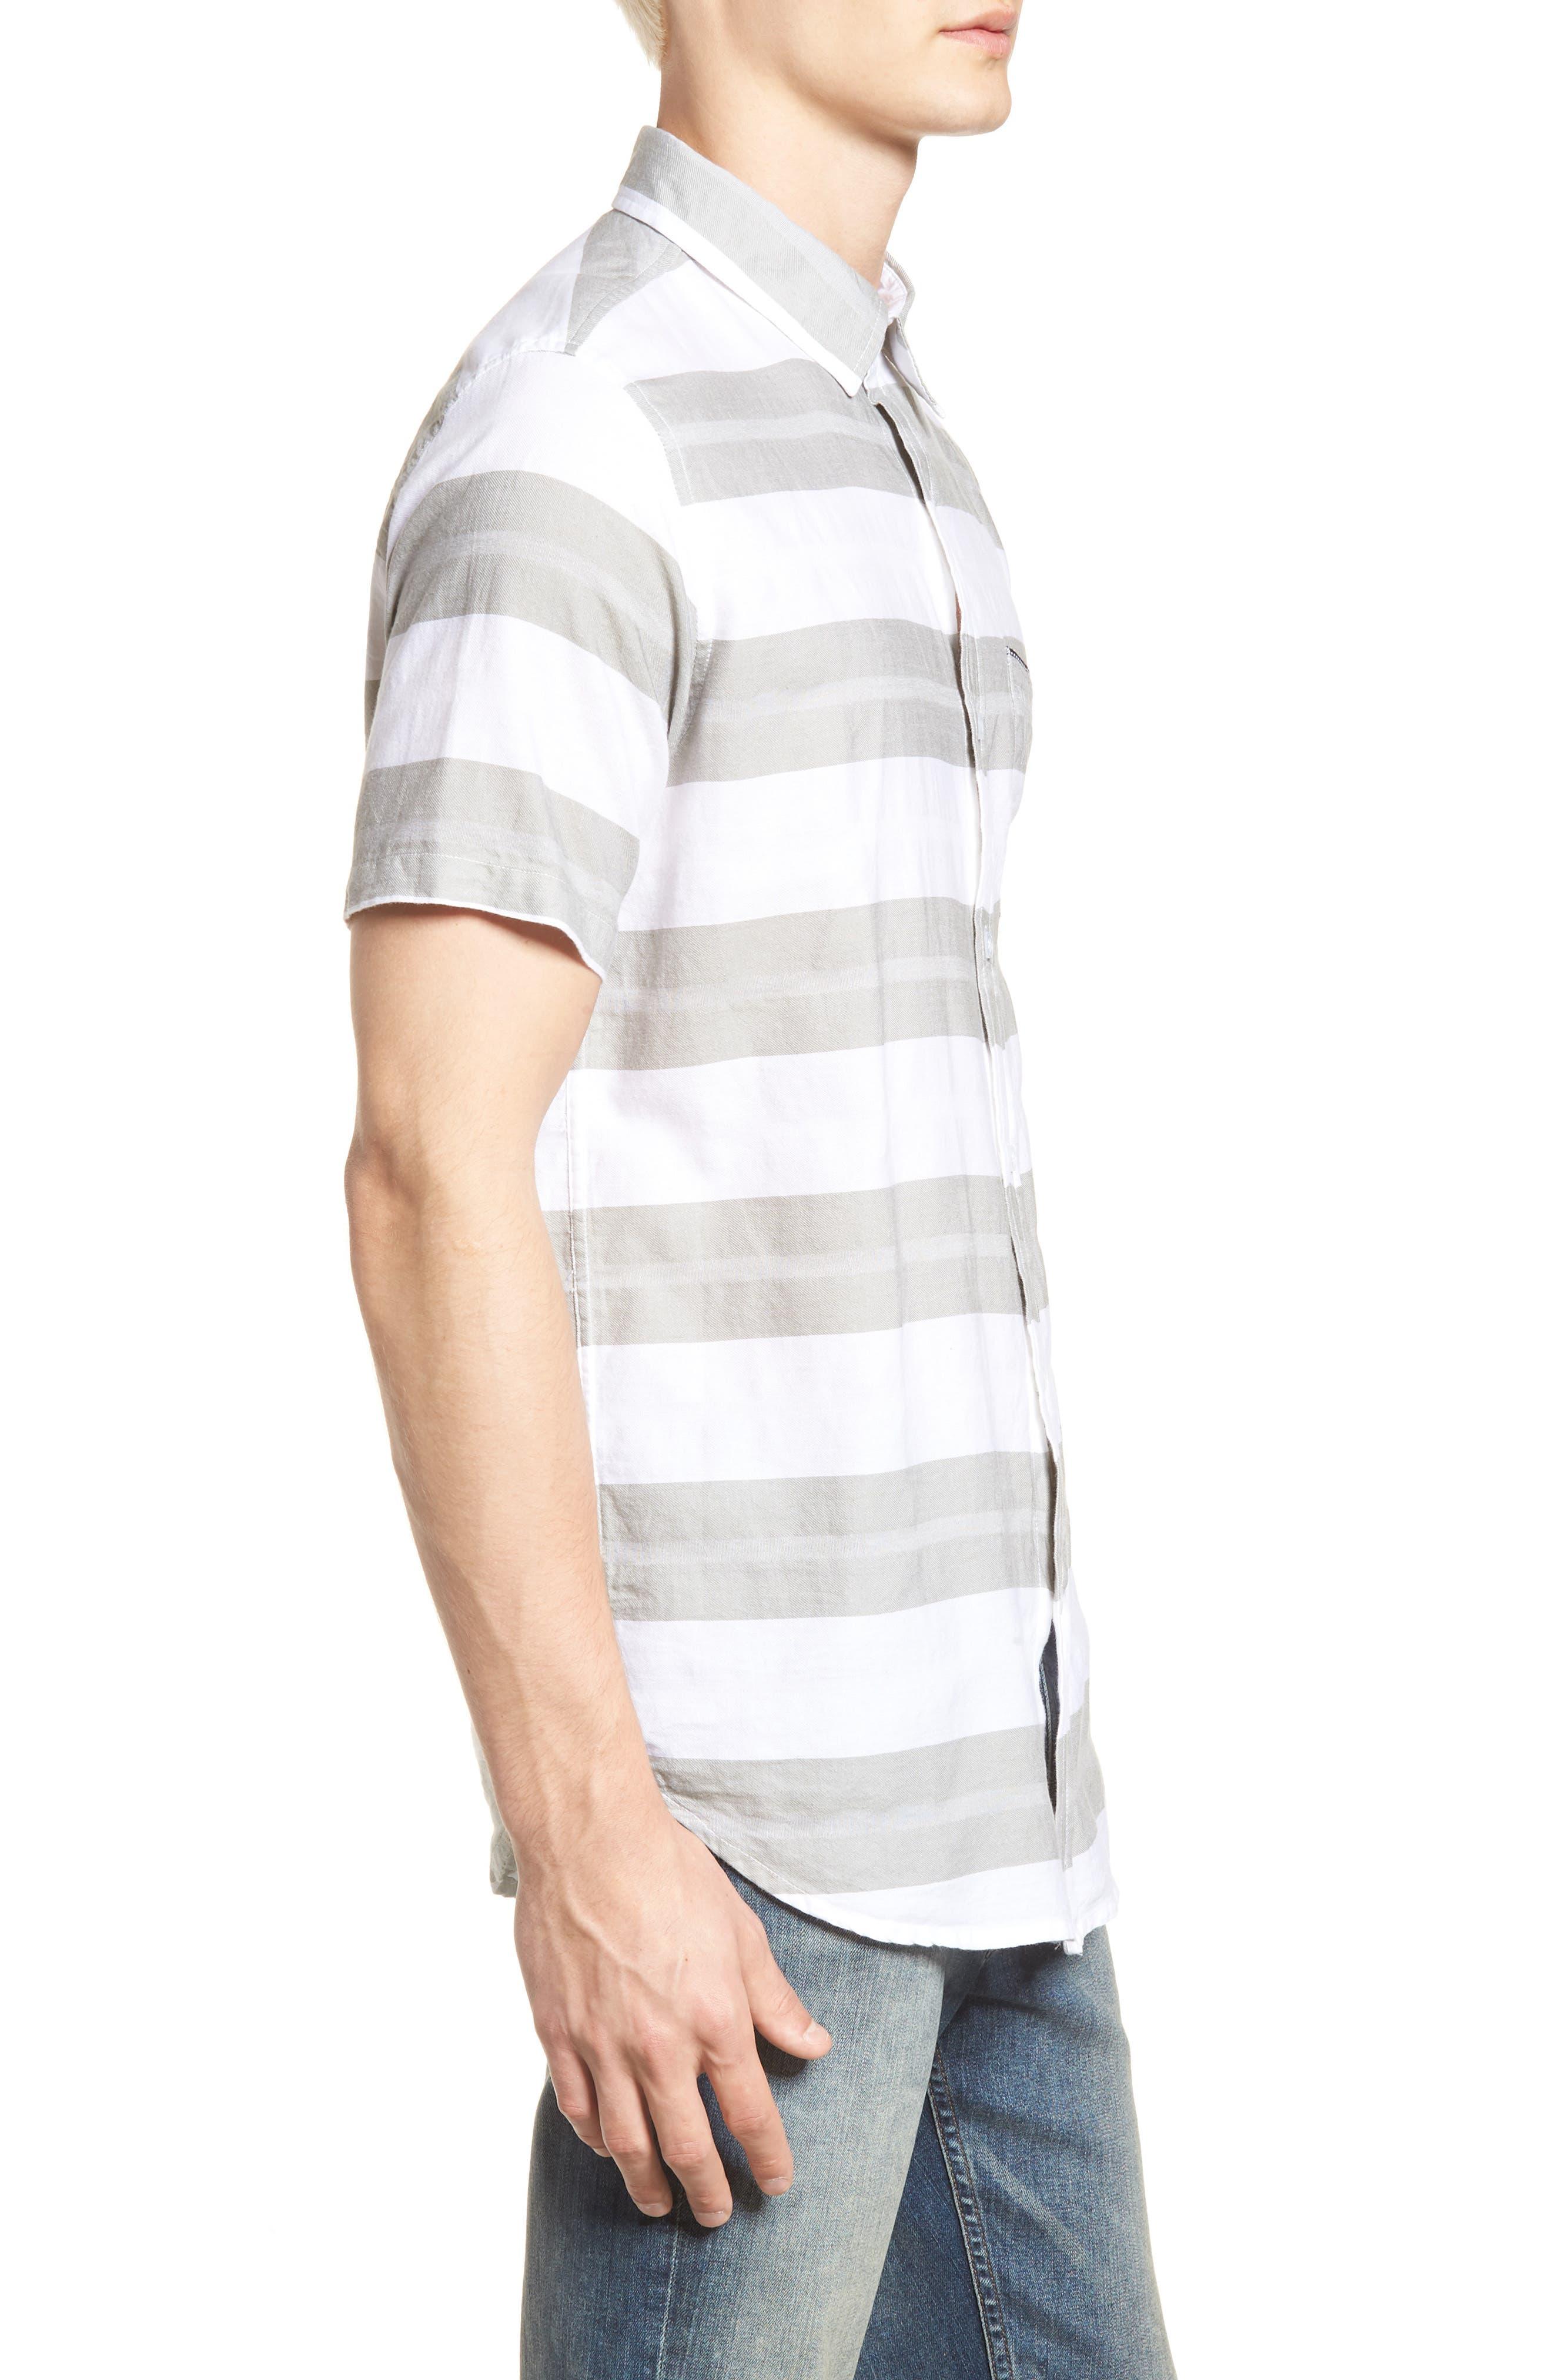 Dobson Woven Shirt,                             Alternate thumbnail 3, color,                             WHITE/SMOKE STRIPE